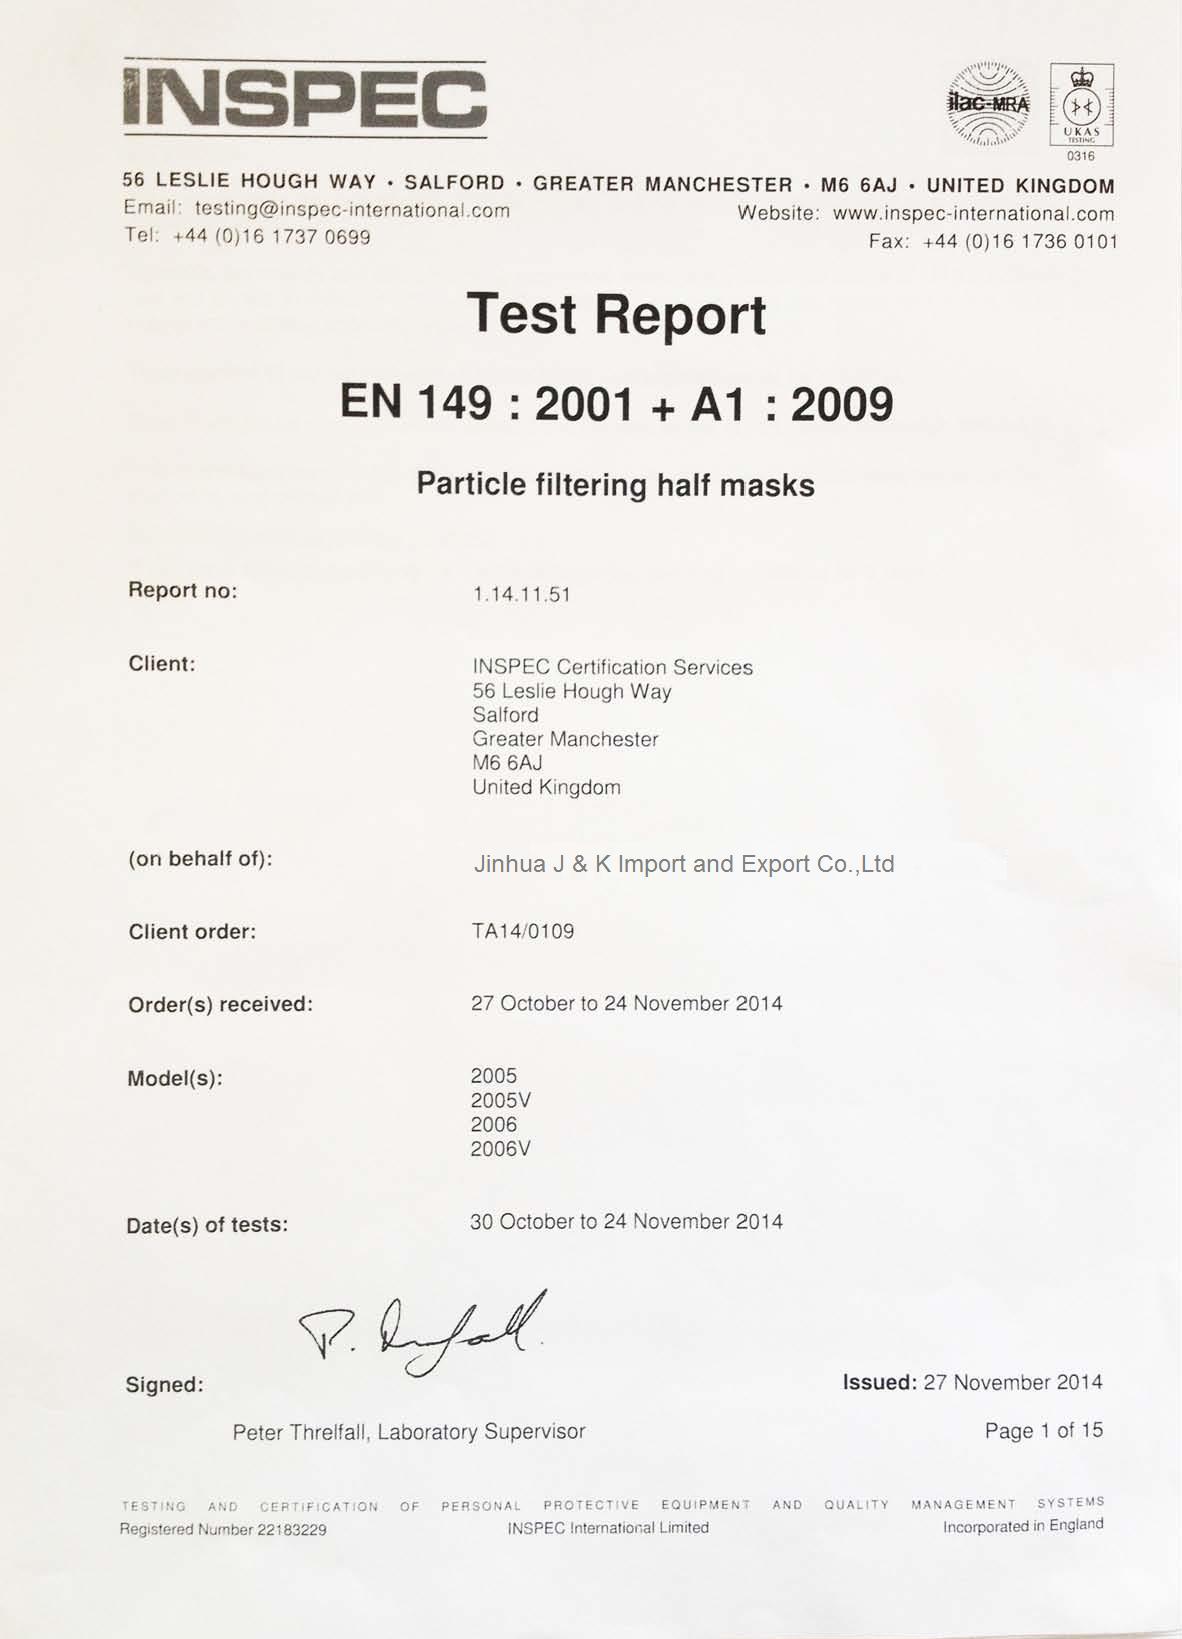 EN 149:2001+A1:2009 for Dust Mask